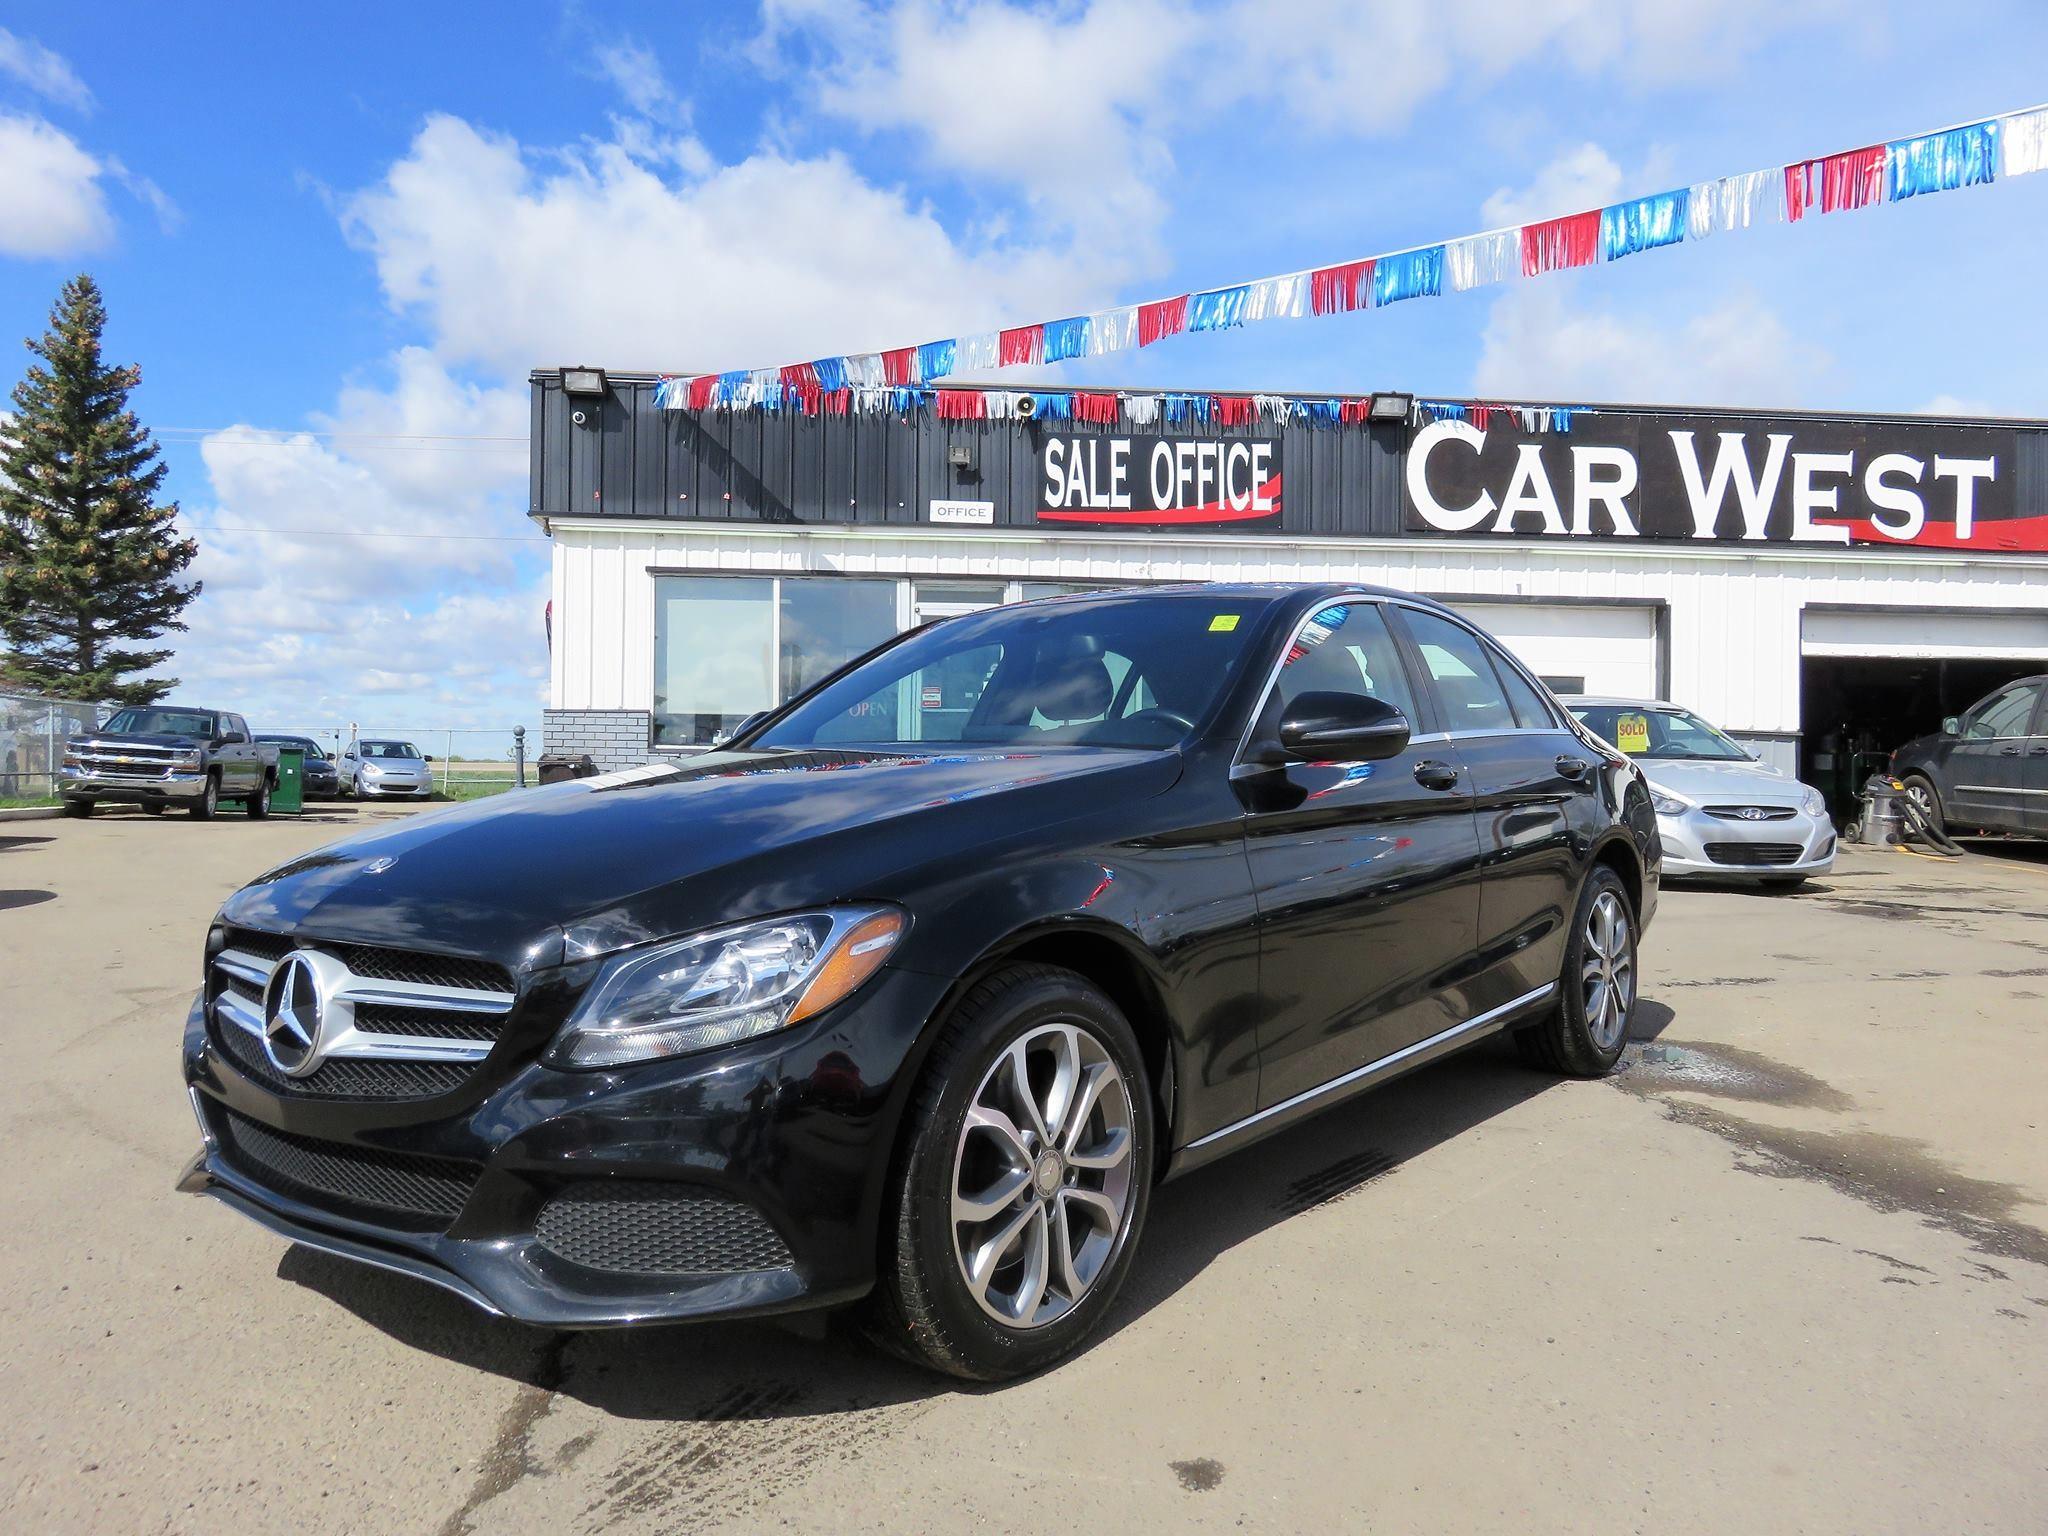 West Auto Sales >> Car West Auto Sales Linkedin